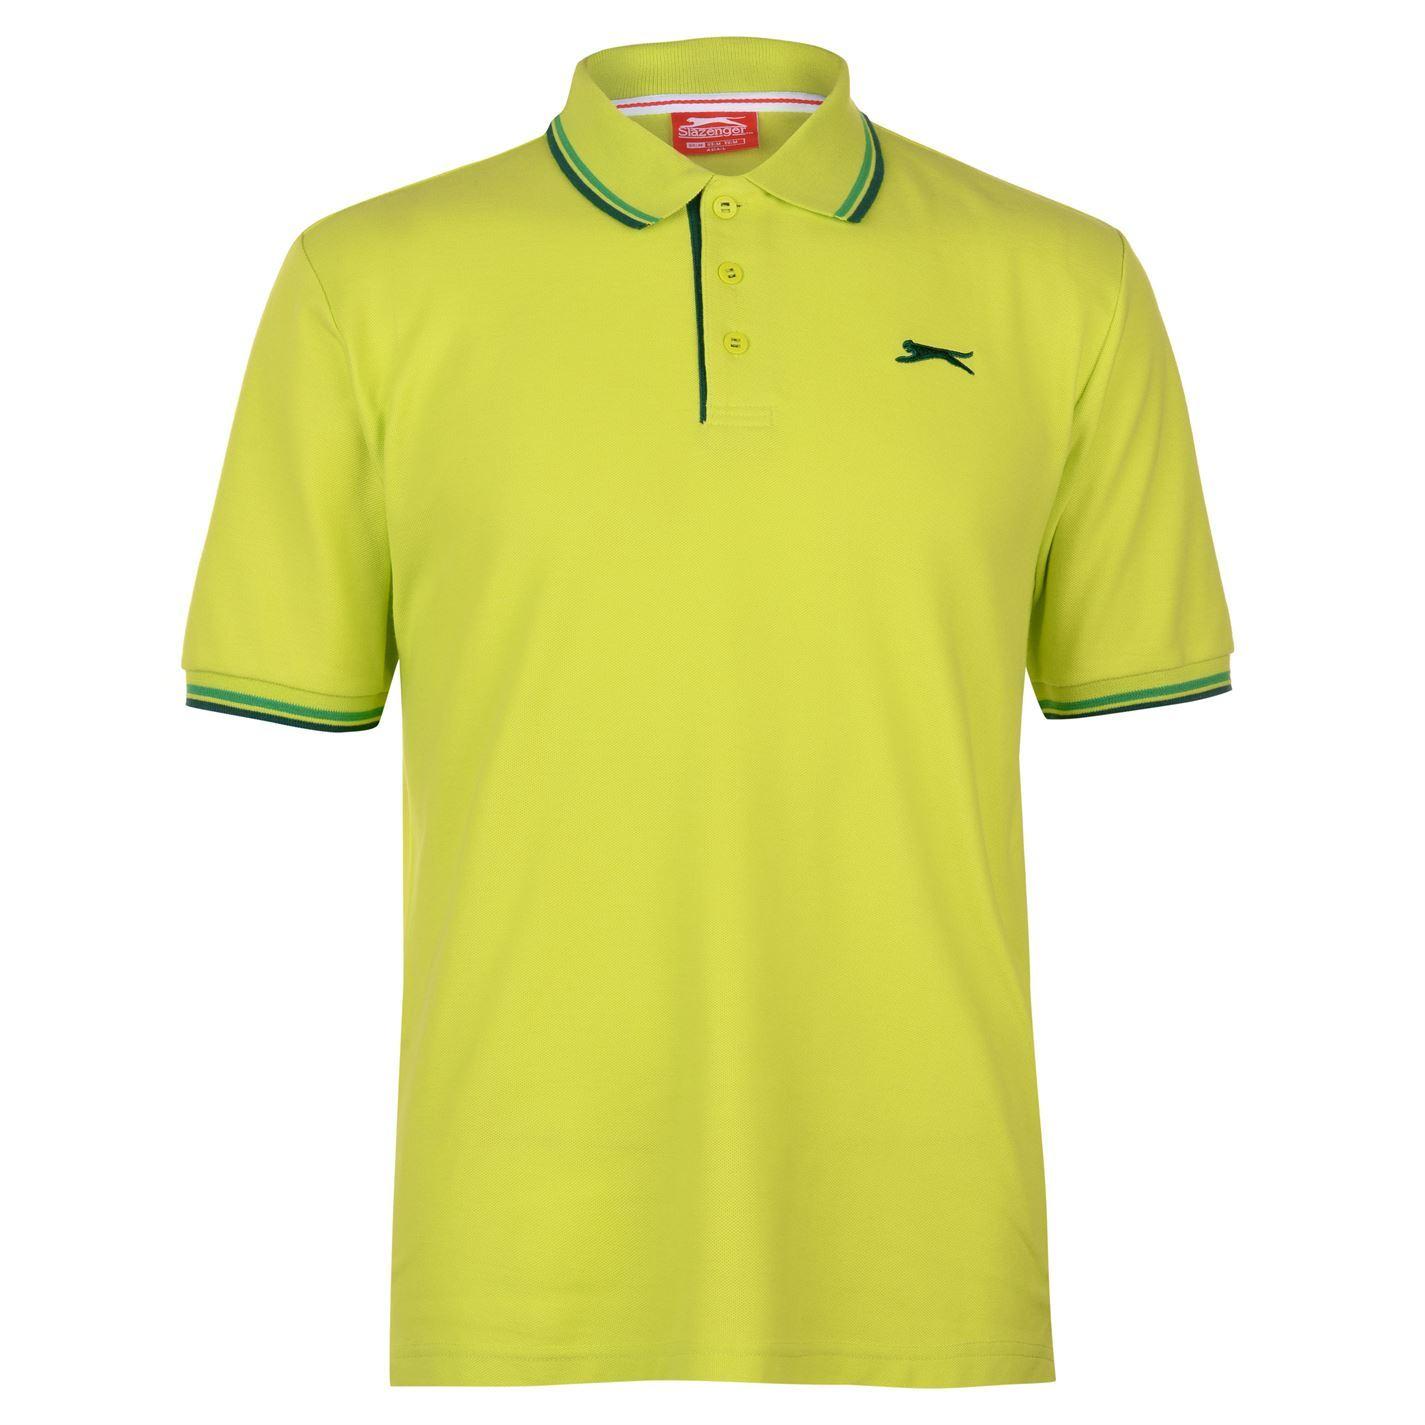 Slazenger-Polo-Camisa-de-hombre-con-cuello-con-Punta-T-Shirt-Top-Camiseta-Tee miniatura 51